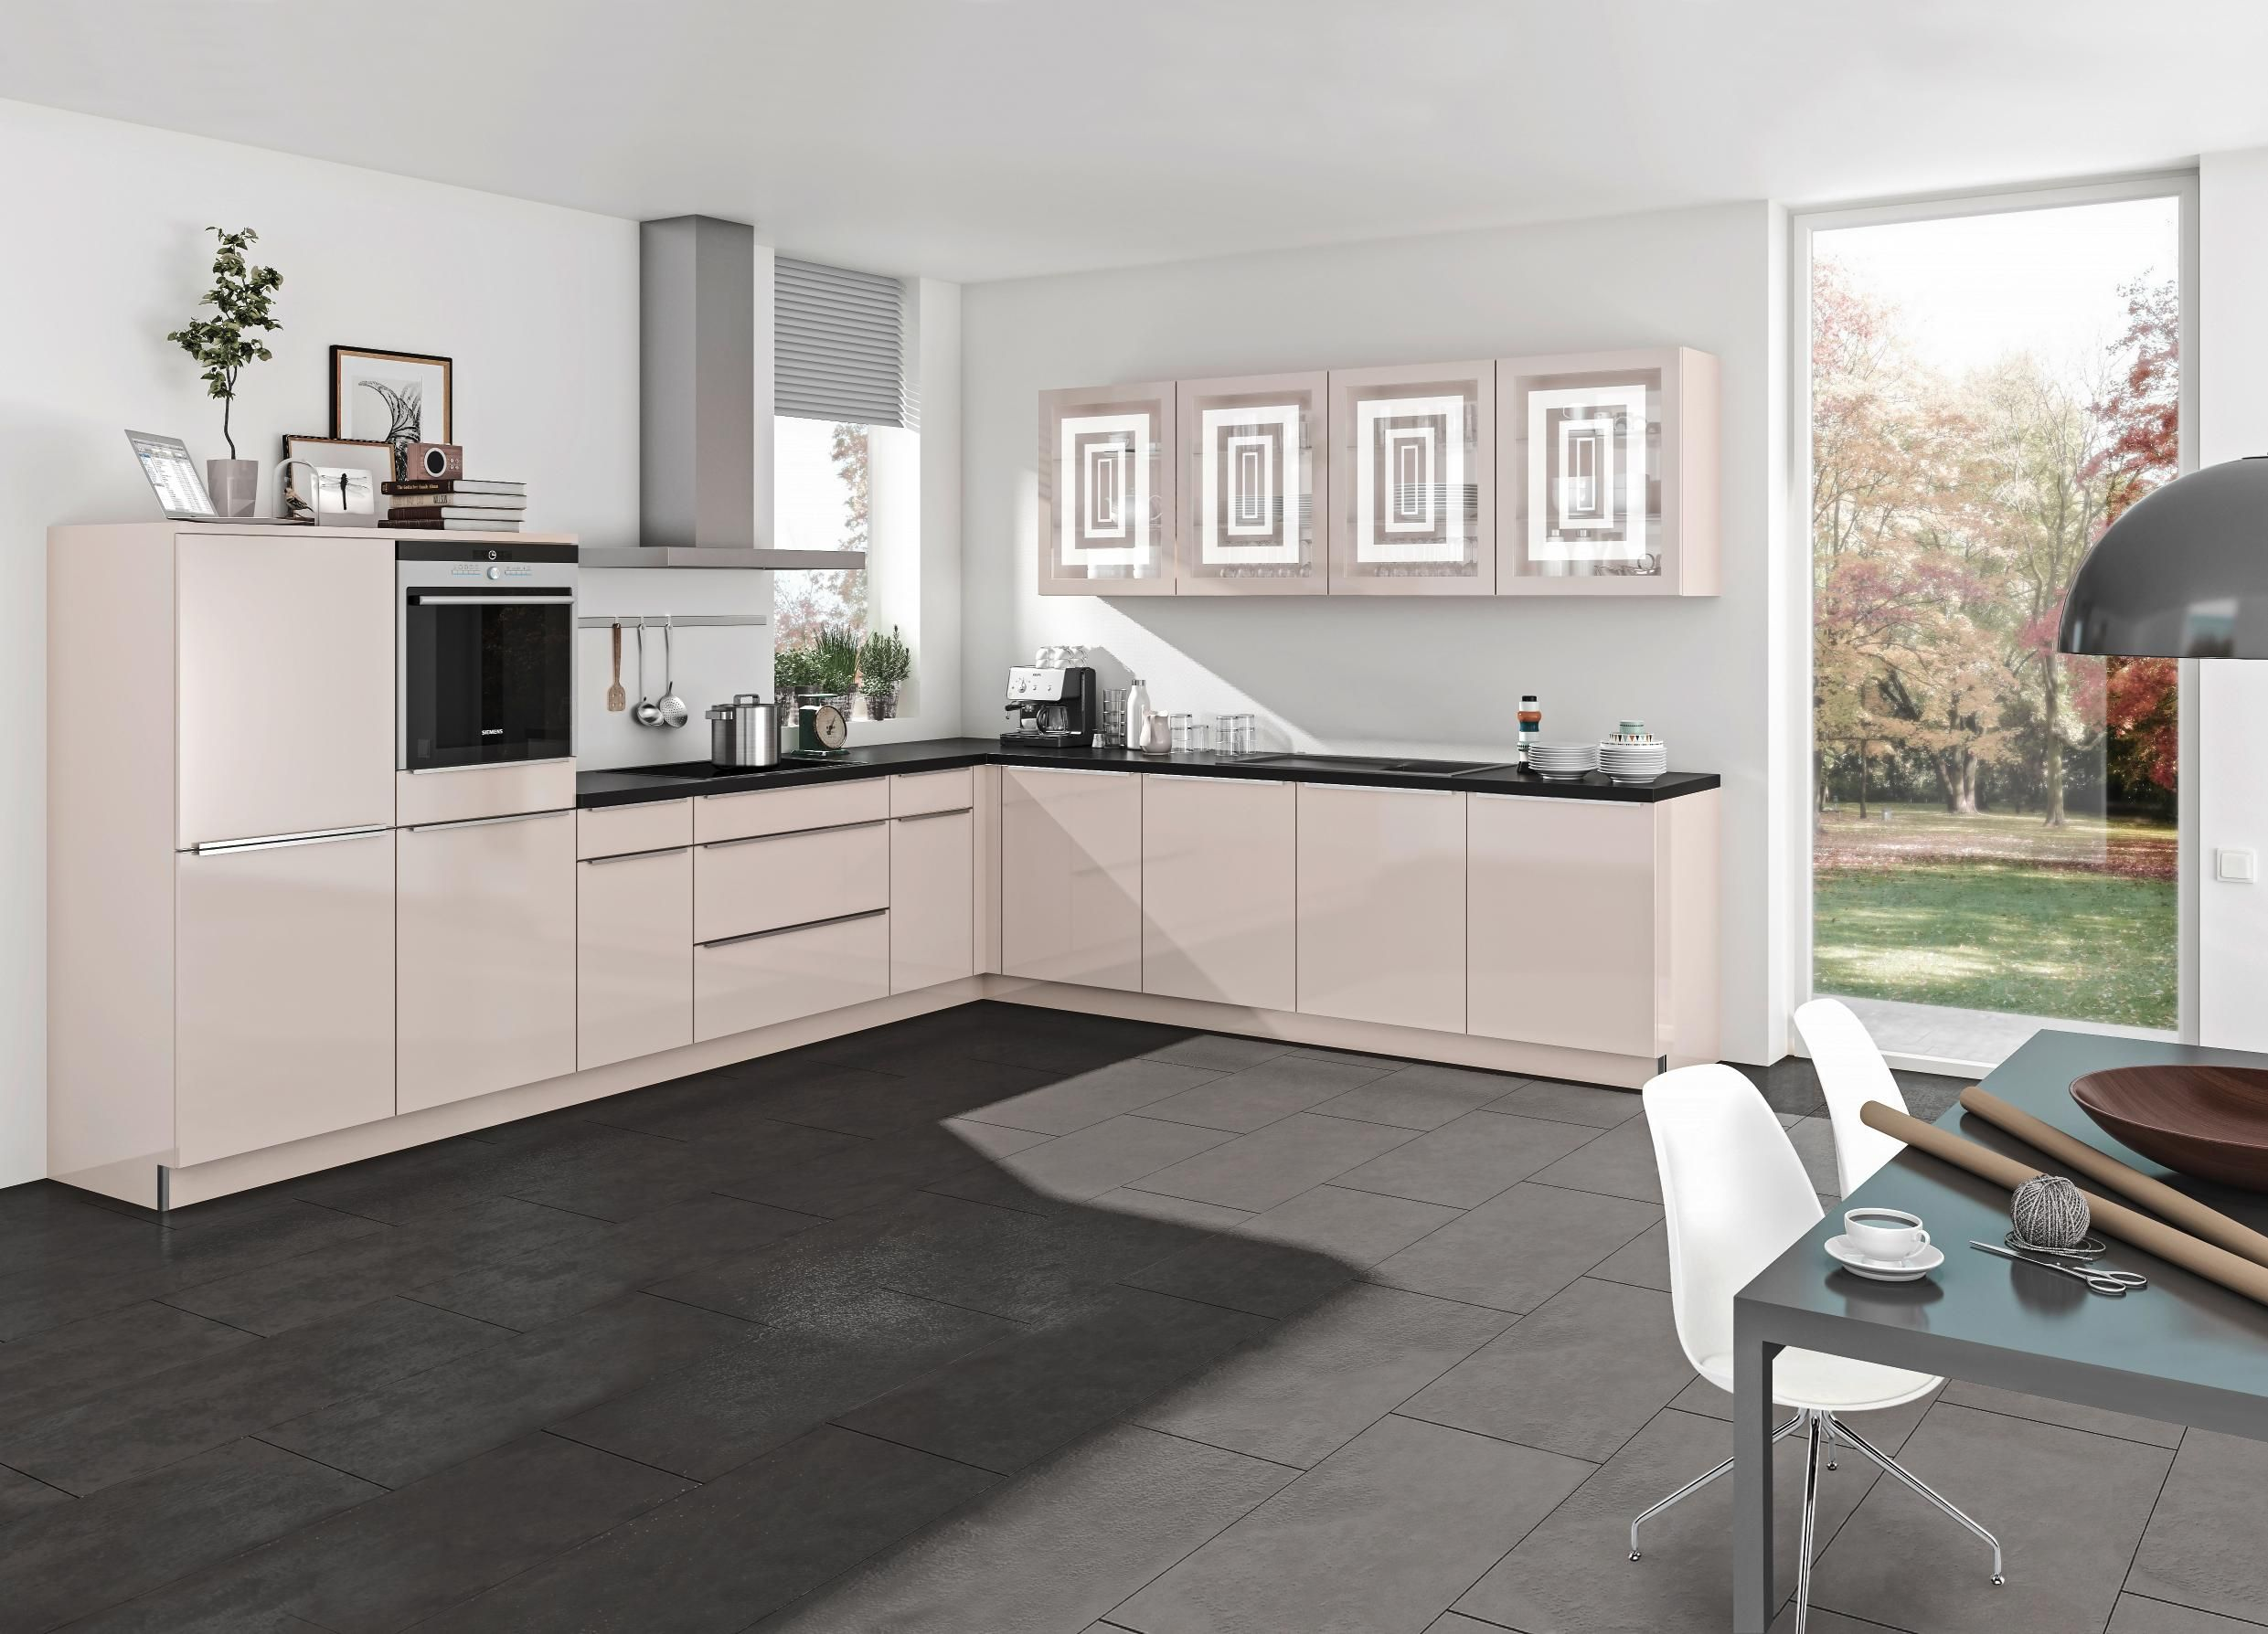 Einbauküche von DIETER KNOLL Einbauküche, Küchen design